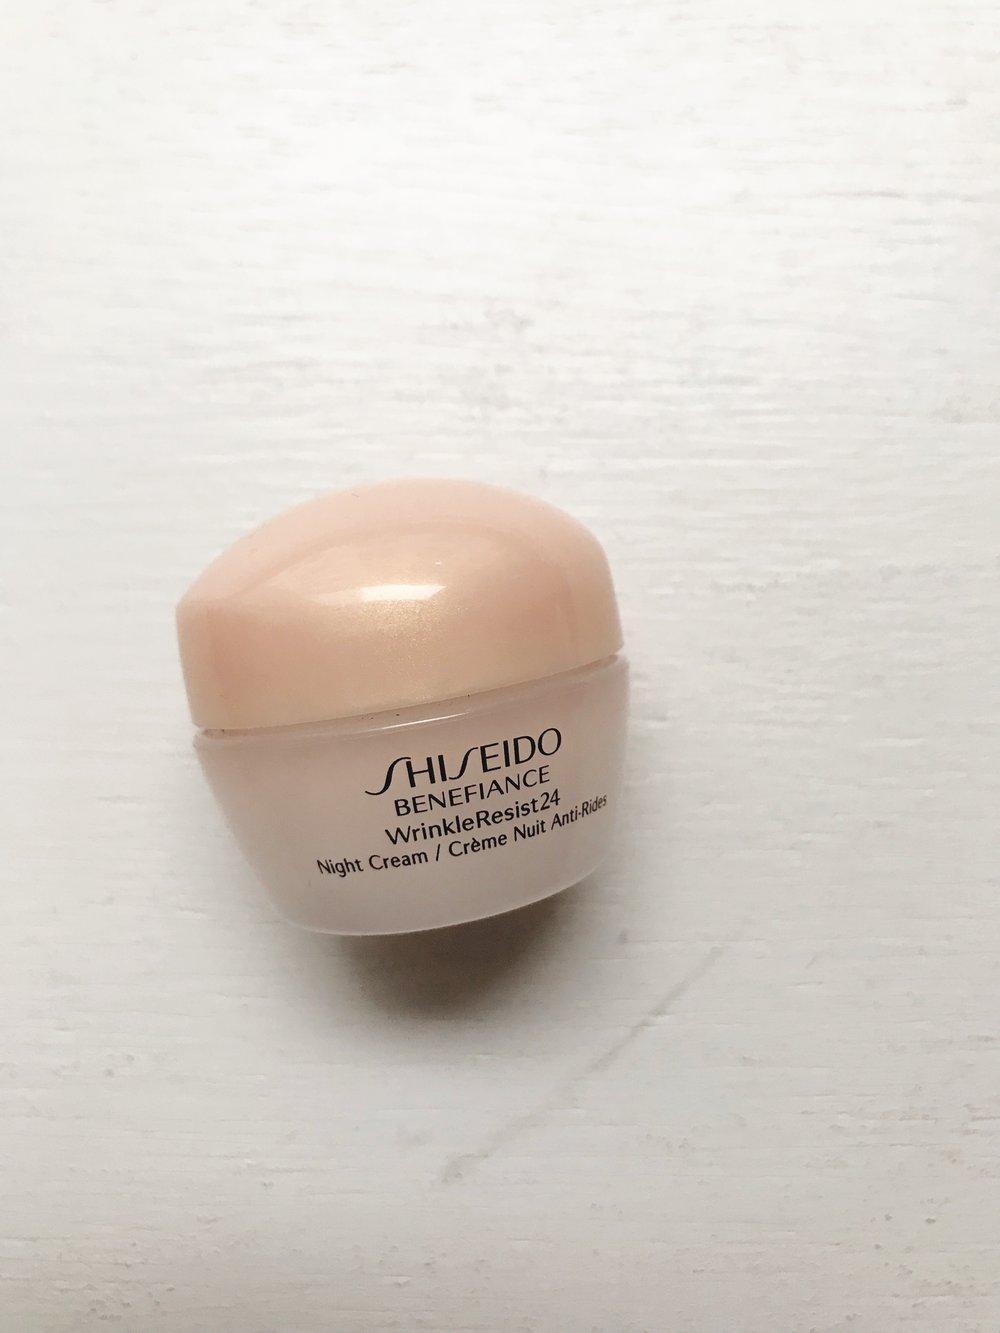 Shiseido_nightcream.JPG